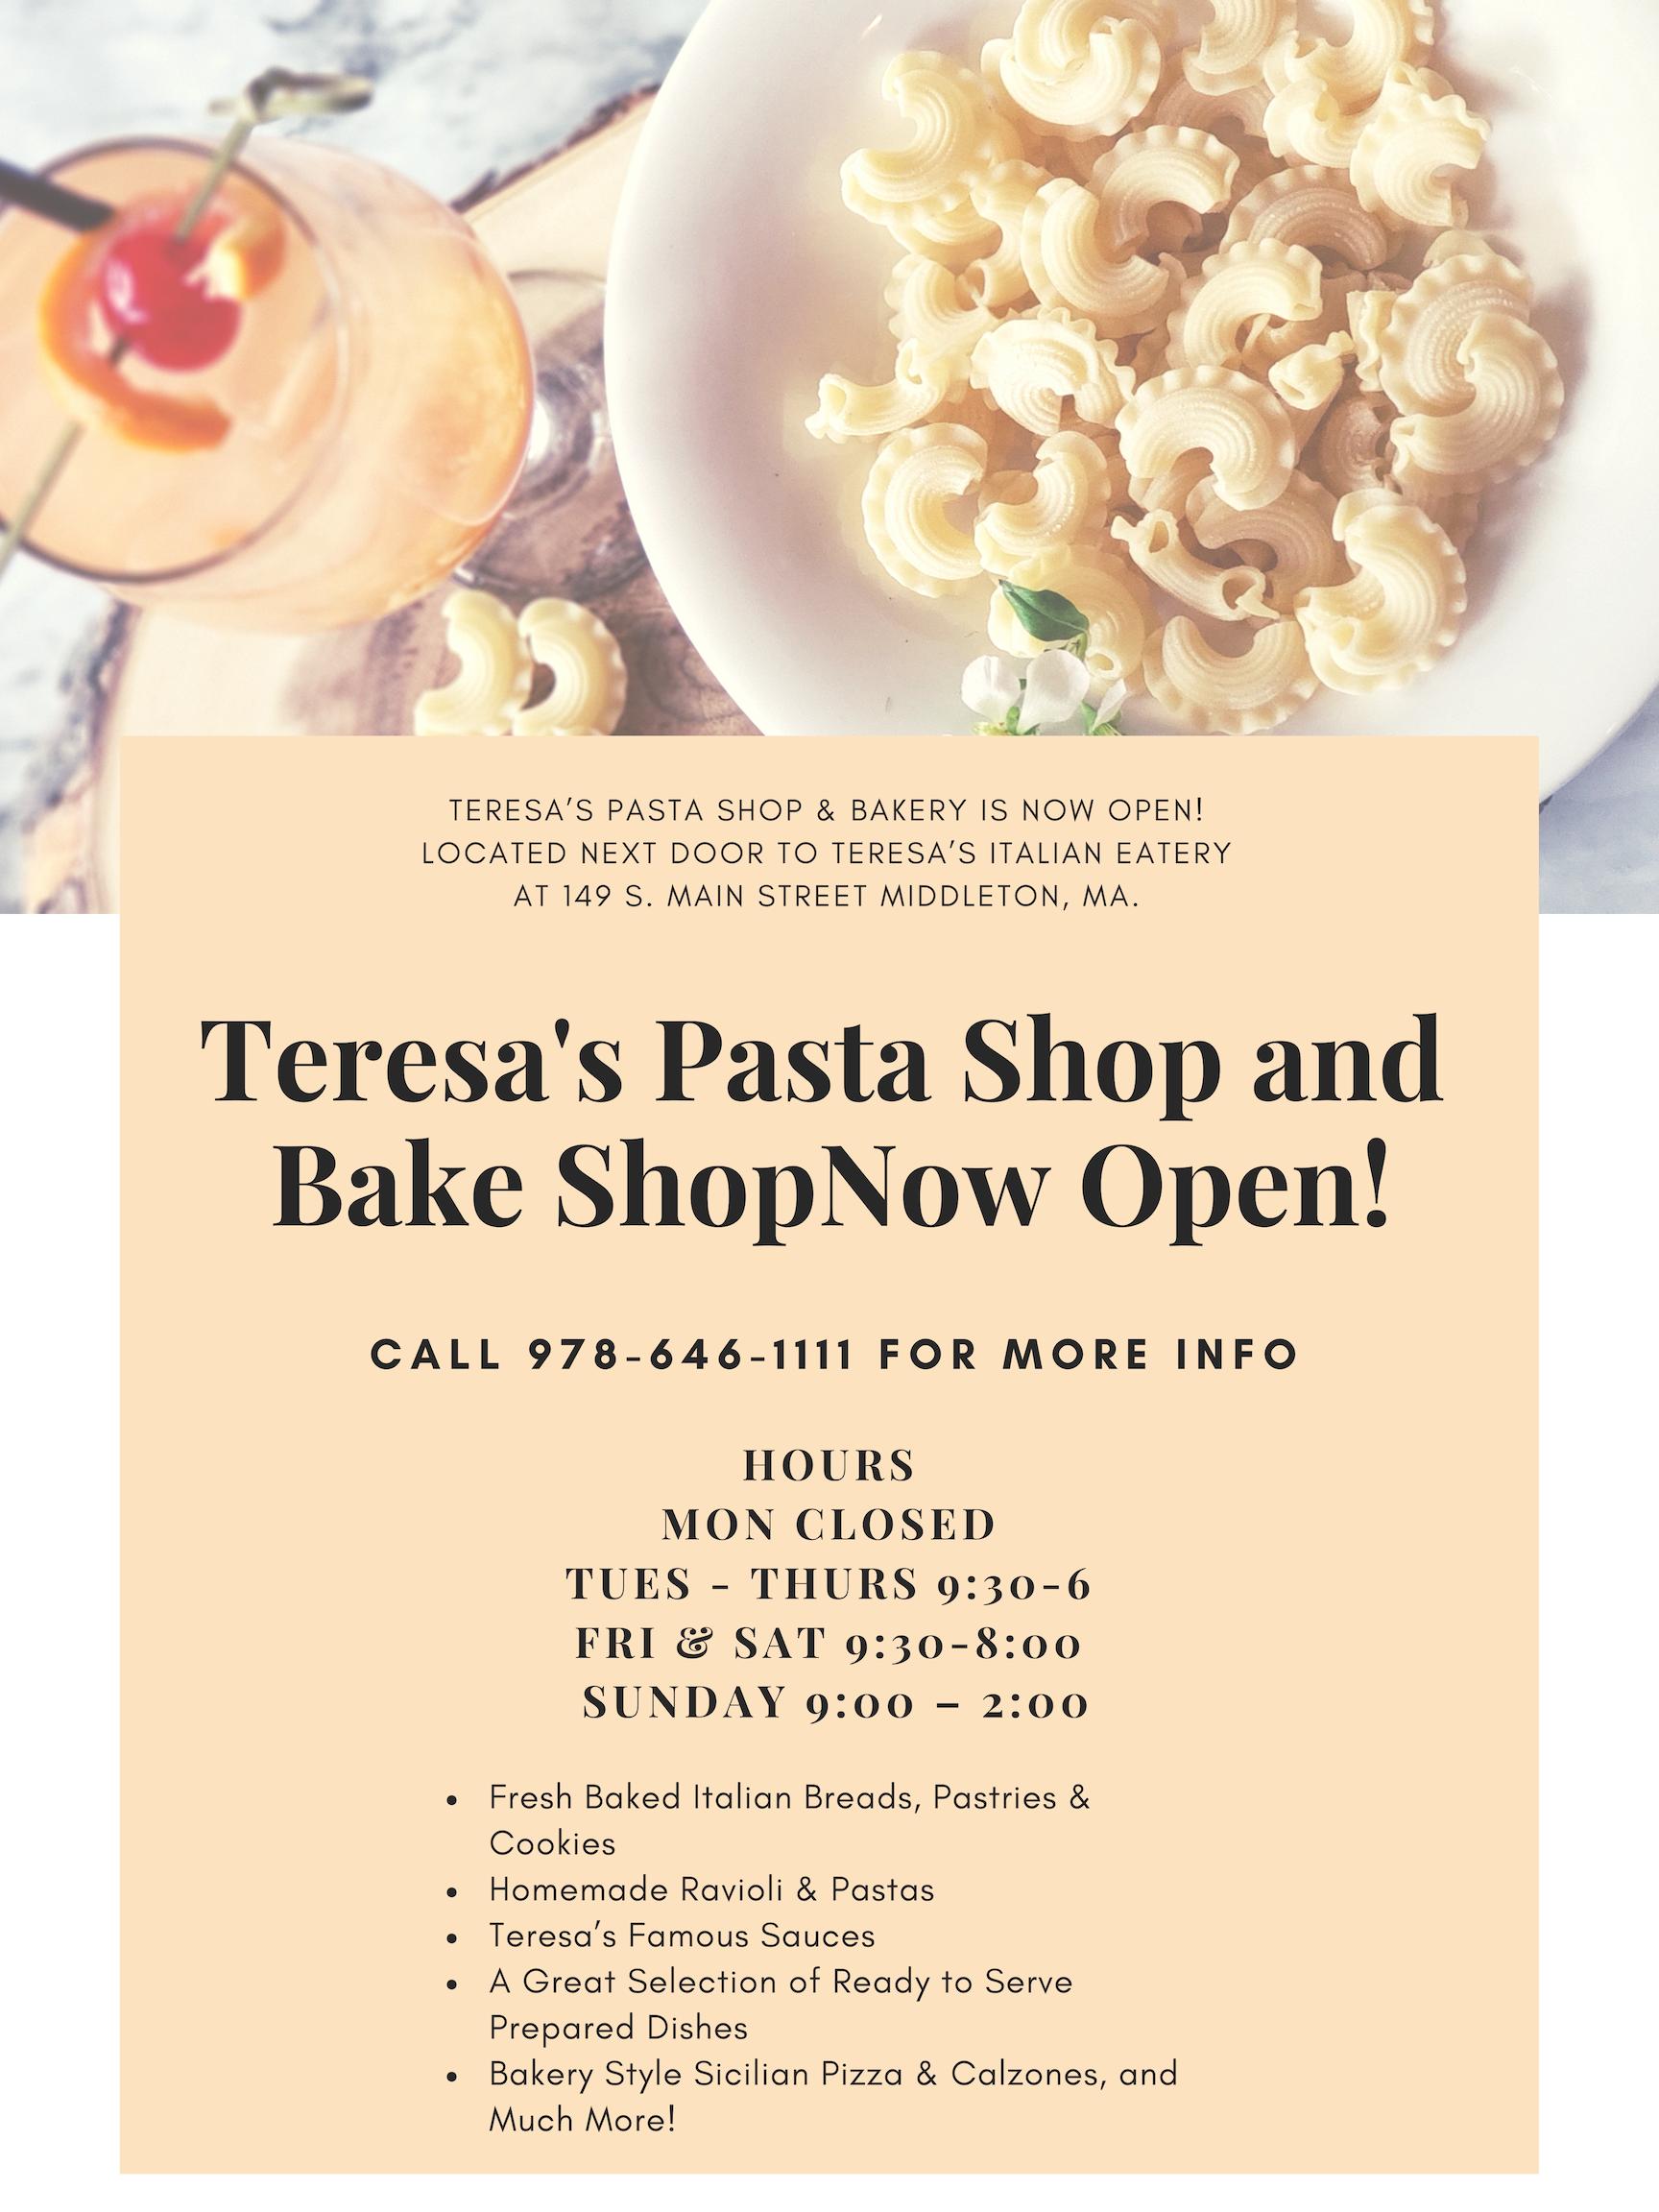 Teresa's Pasta Shop & Bake Shop Now Open!